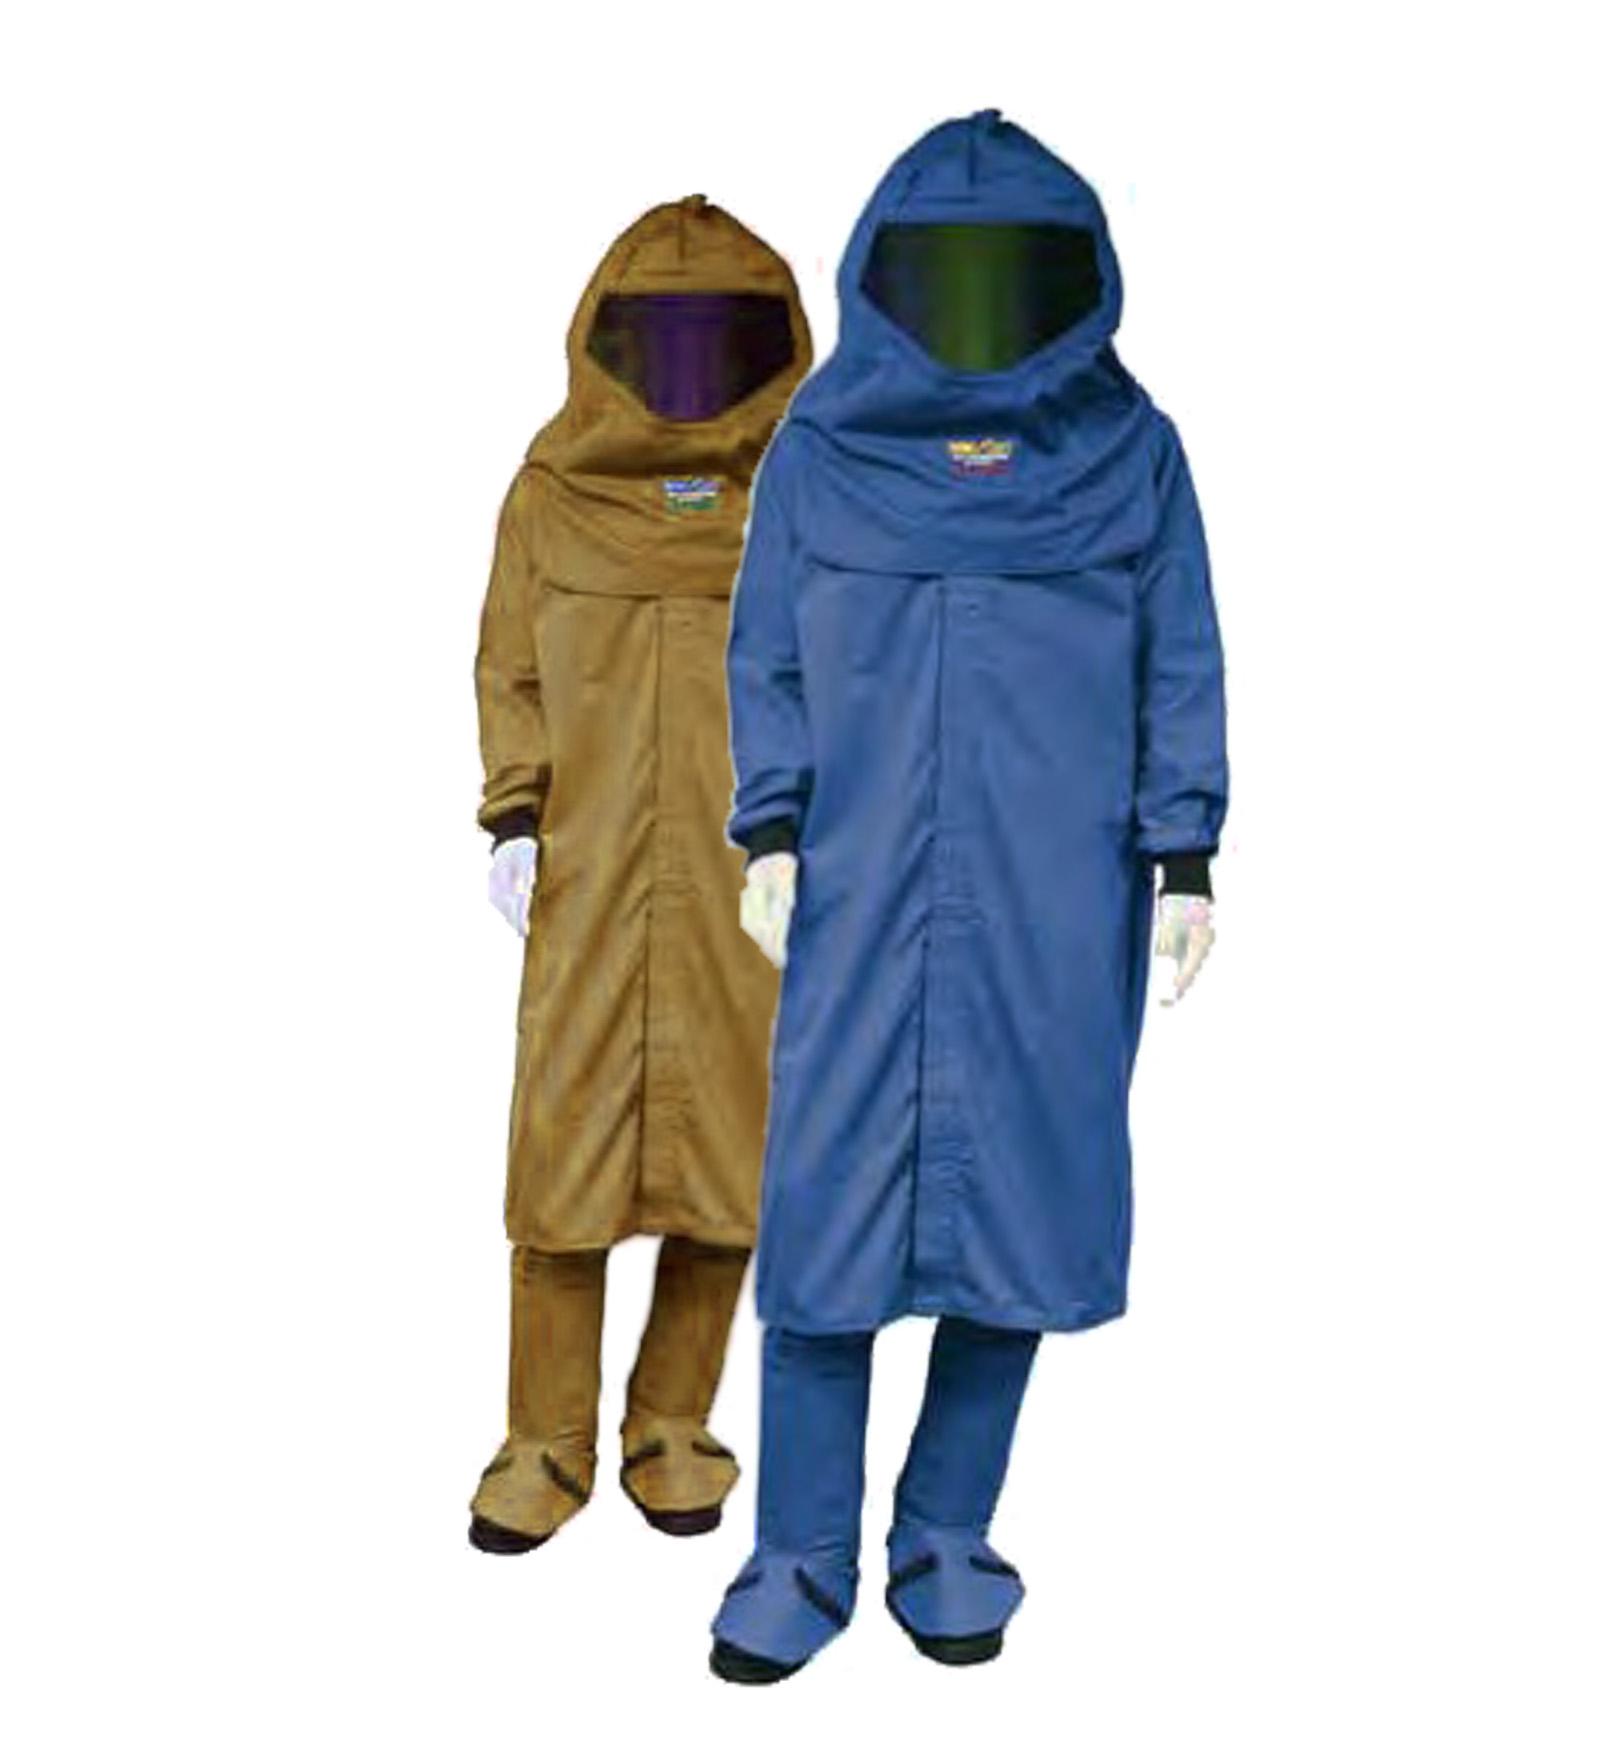 TTEK Suit Kits